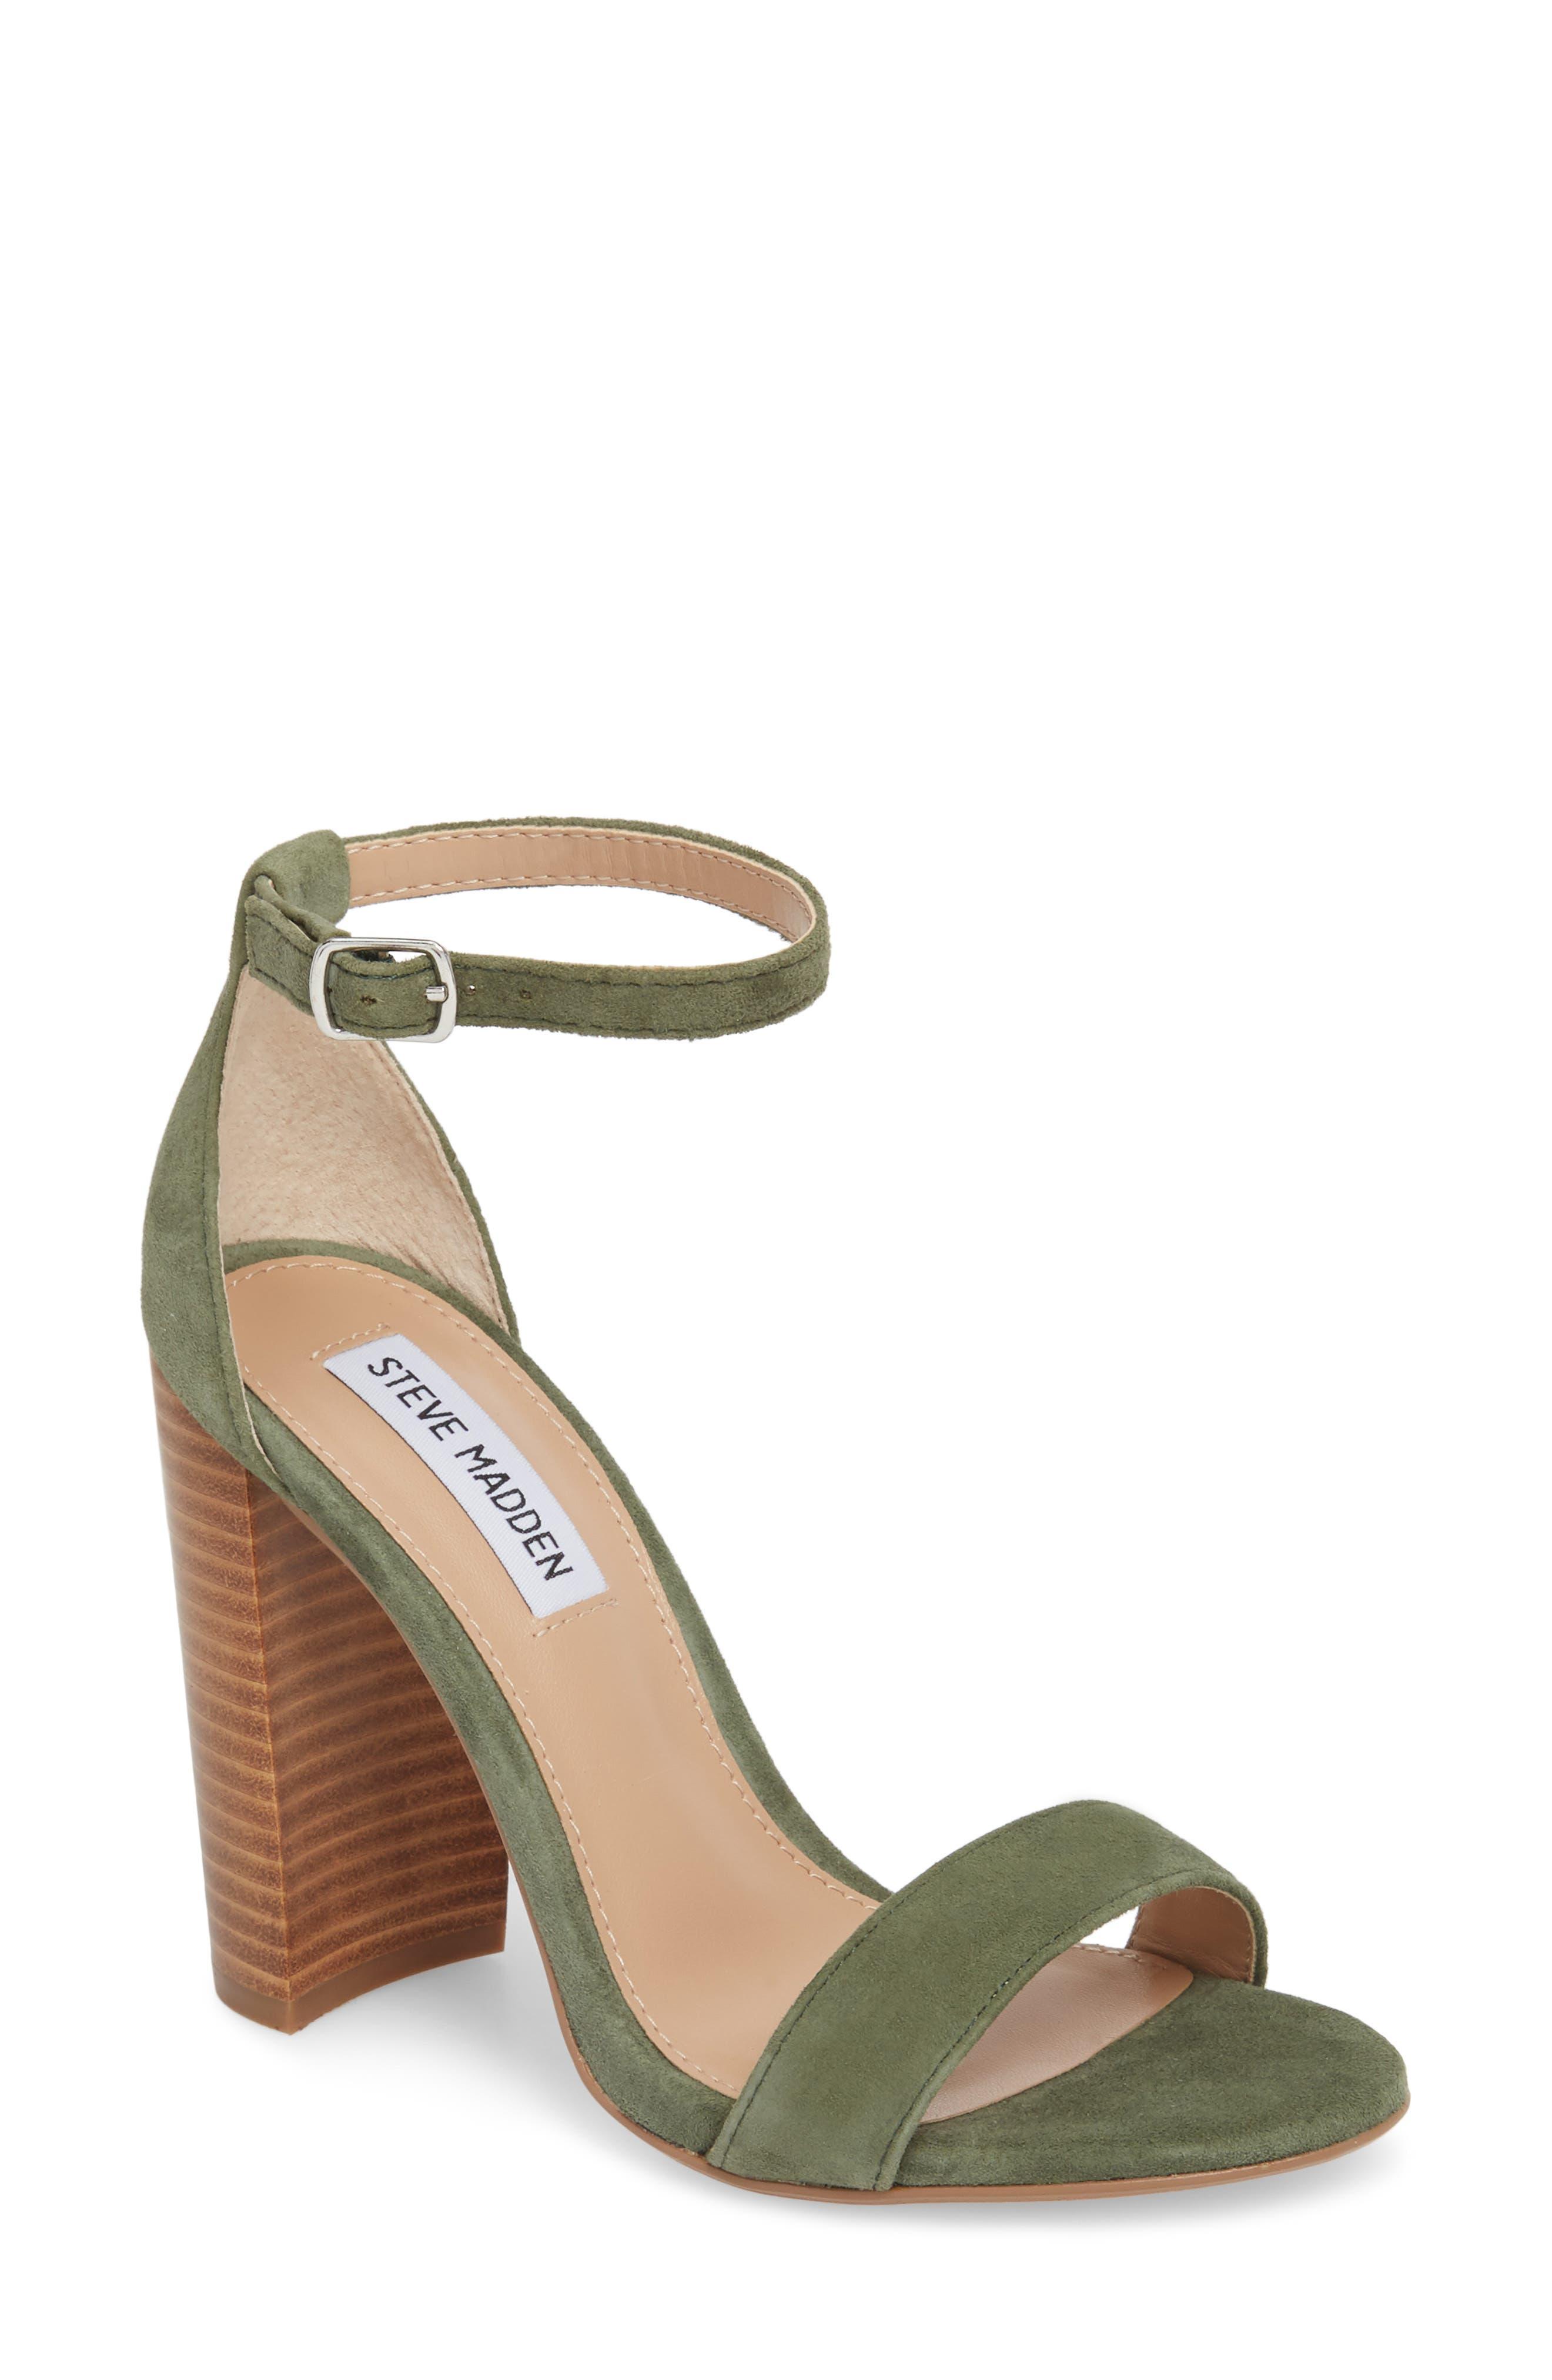 Carrson Sandal,                             Main thumbnail 1, color,                             Olive Multi